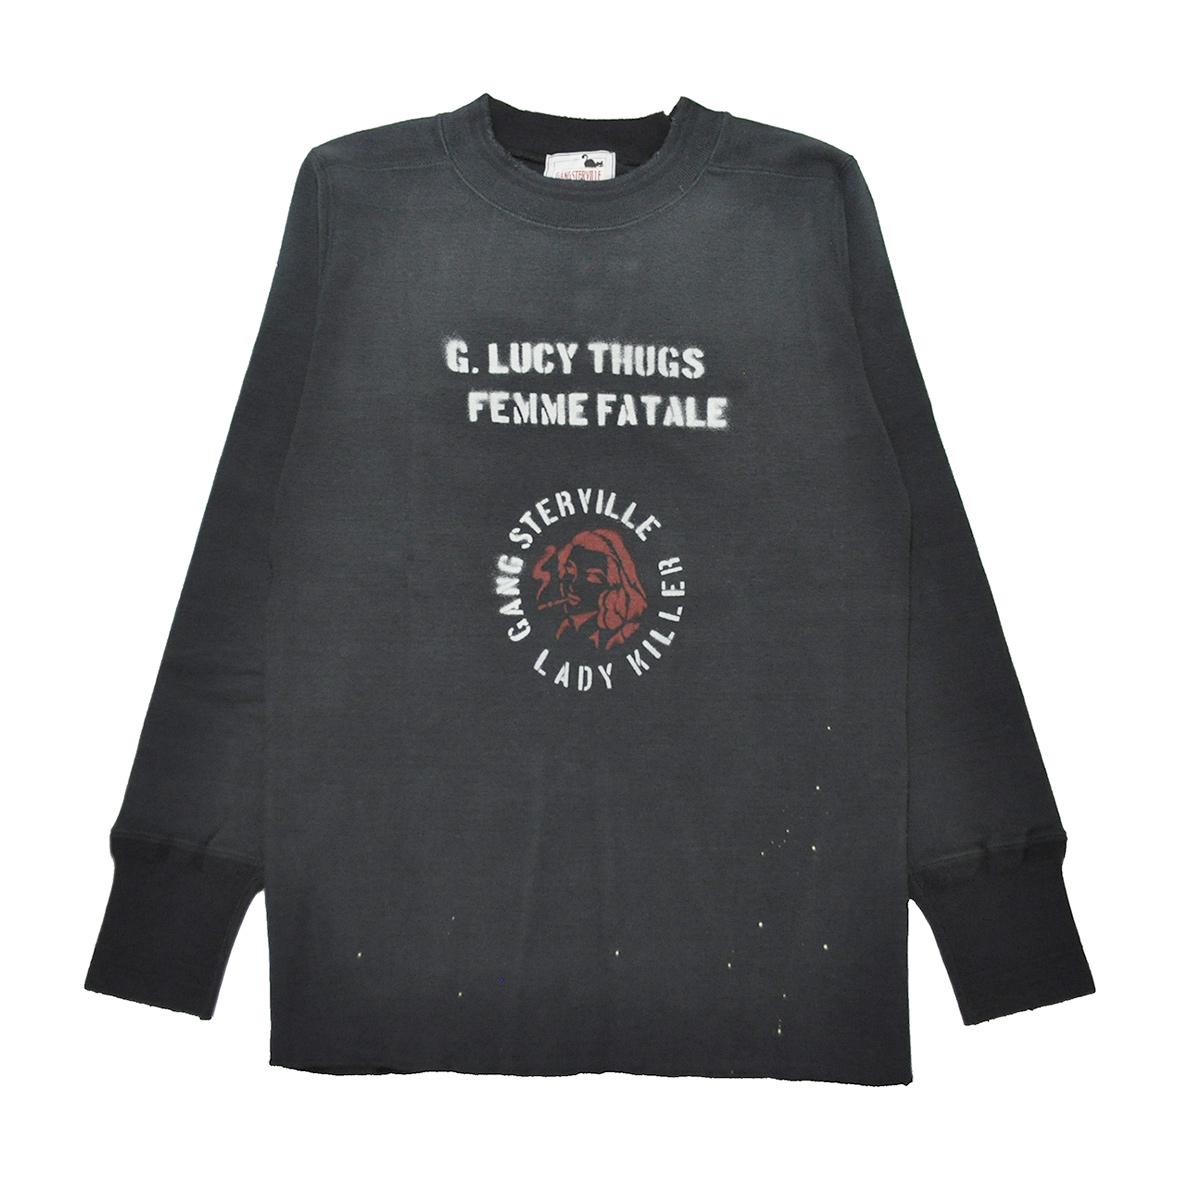 【期間限定クーポン 8/10.23:59まで】【残りS・Mサイズのみ】GANGSTERVILLE LADY KILLER THICK L/S T-SHIRTS (BLACK) ギャングスタービル ビンテージ加工 長袖Tシャツ/ロンT/GLADHAND/グラッドハンド/WEIRDO/ウィアード/OLD CROW/オールドクロウ